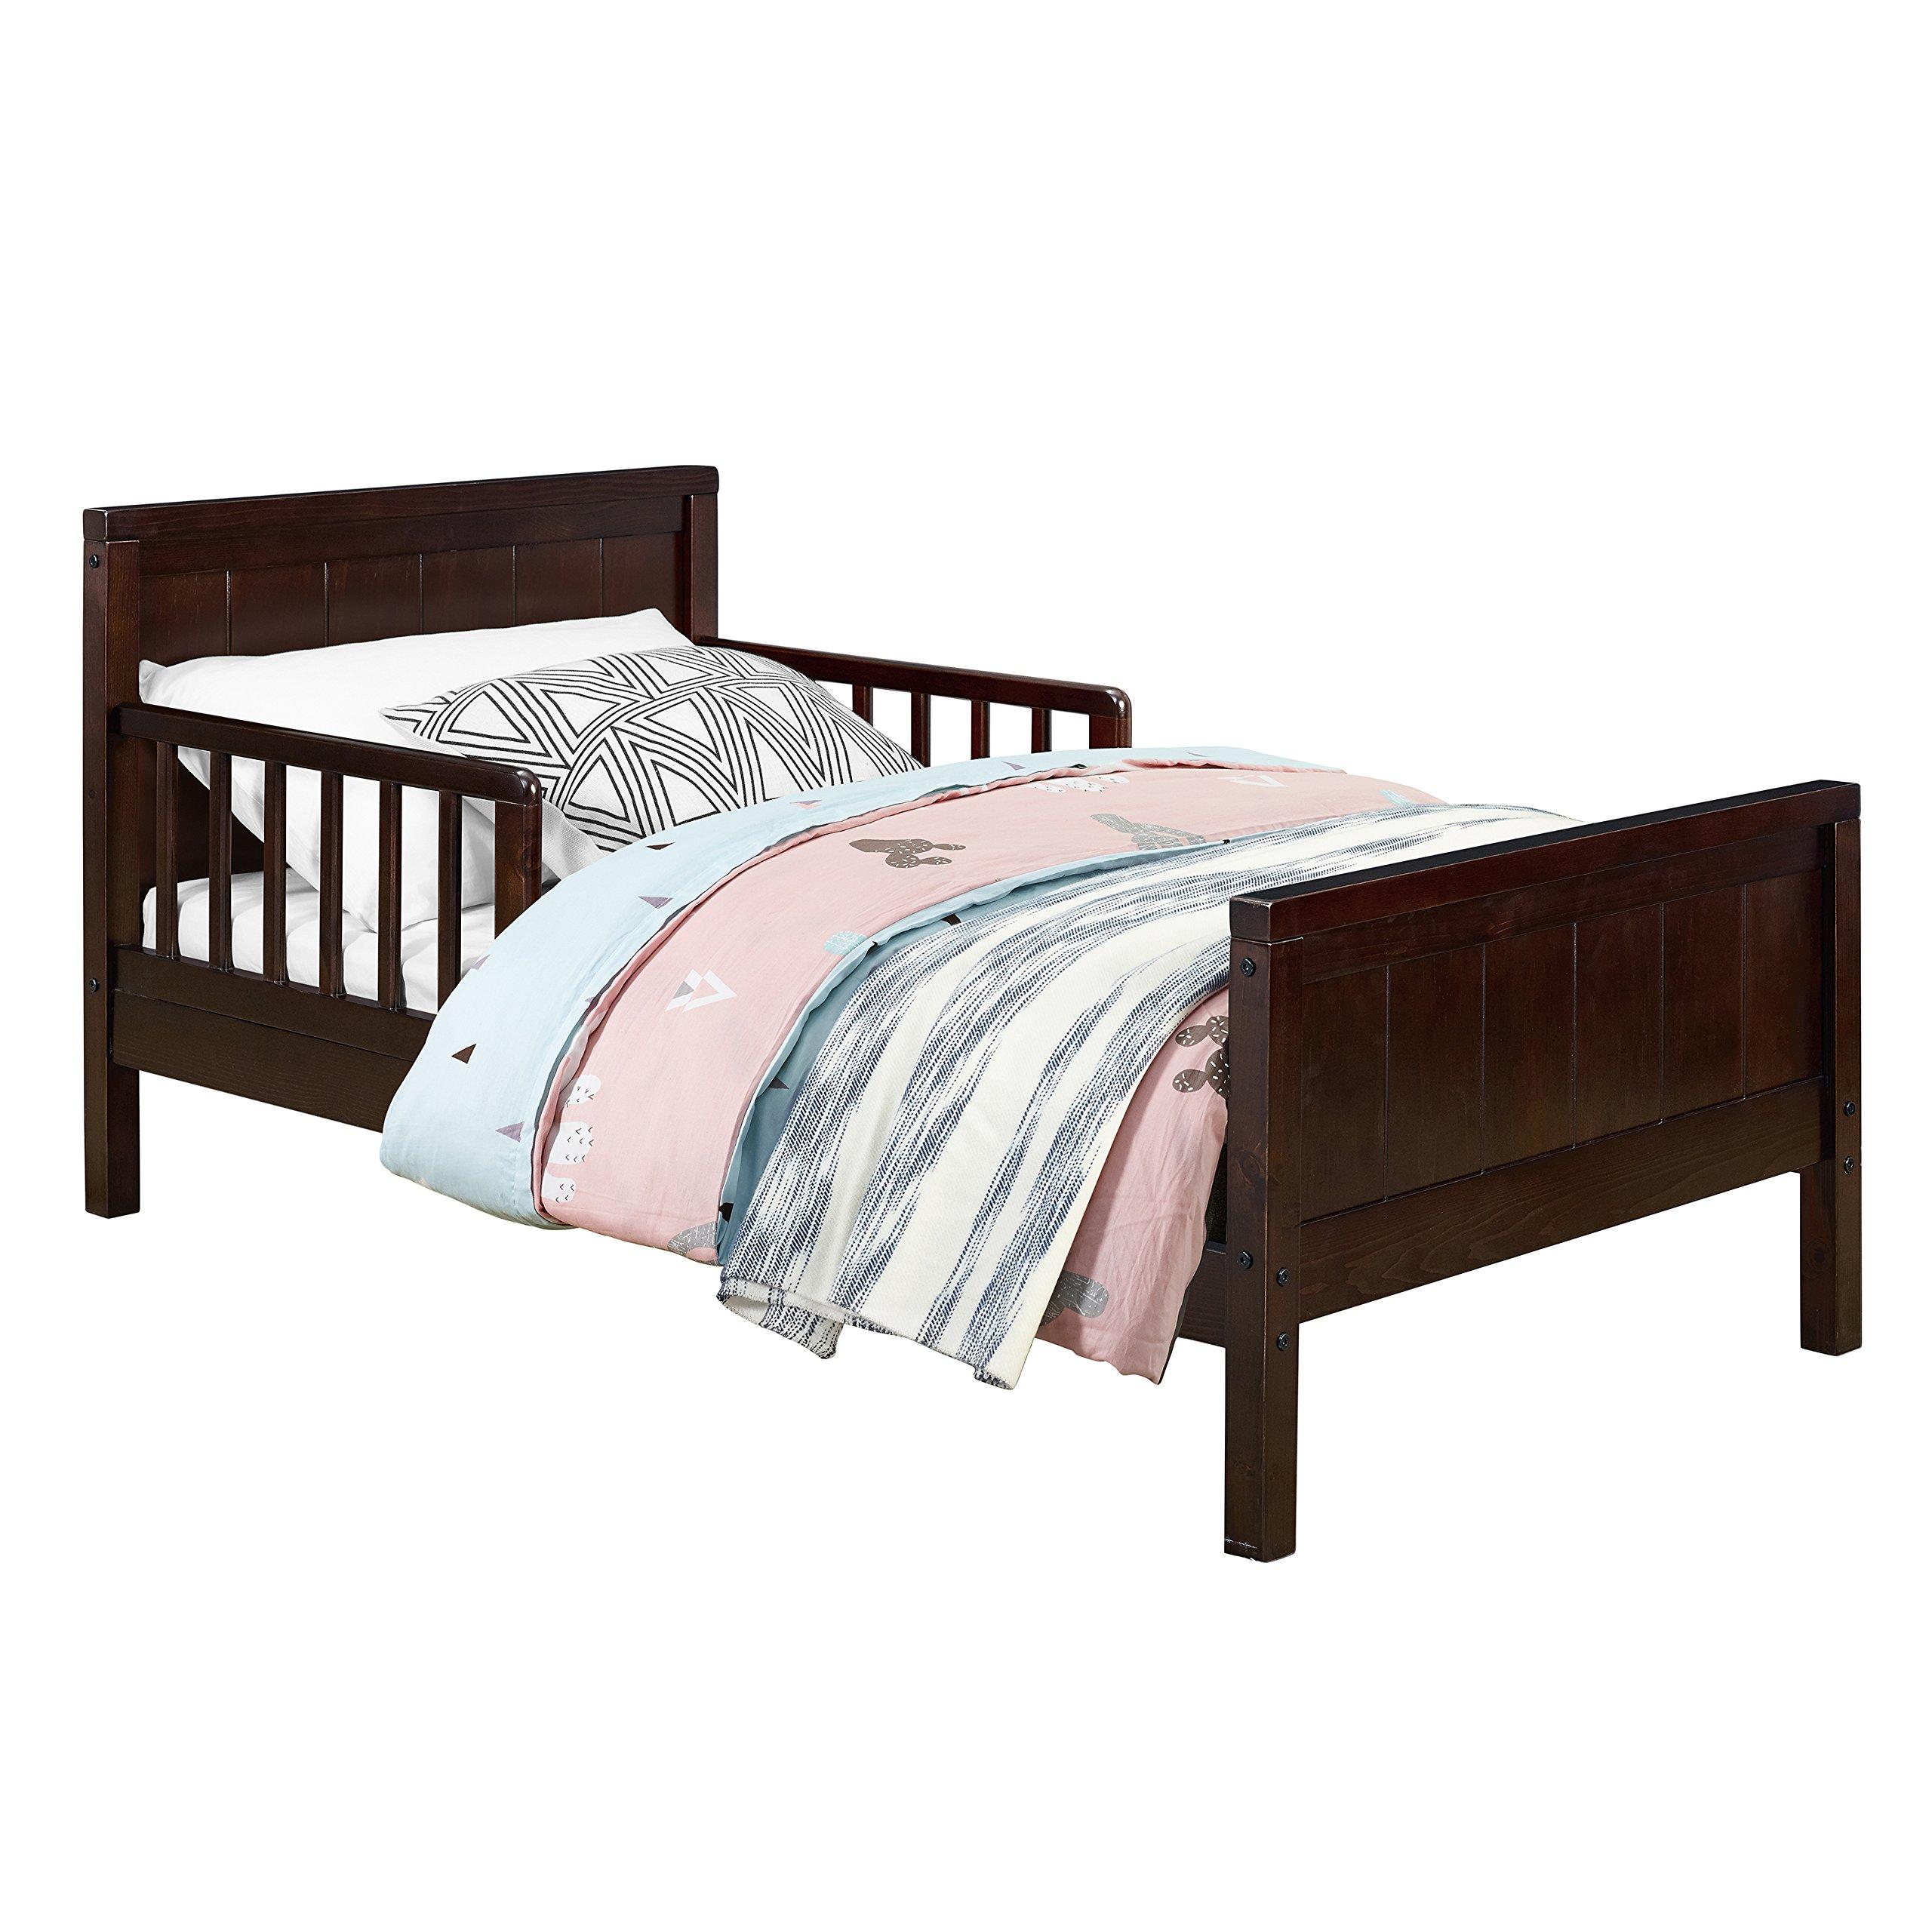 Dorel Asia WM3239E Toddler Bed, Espresso